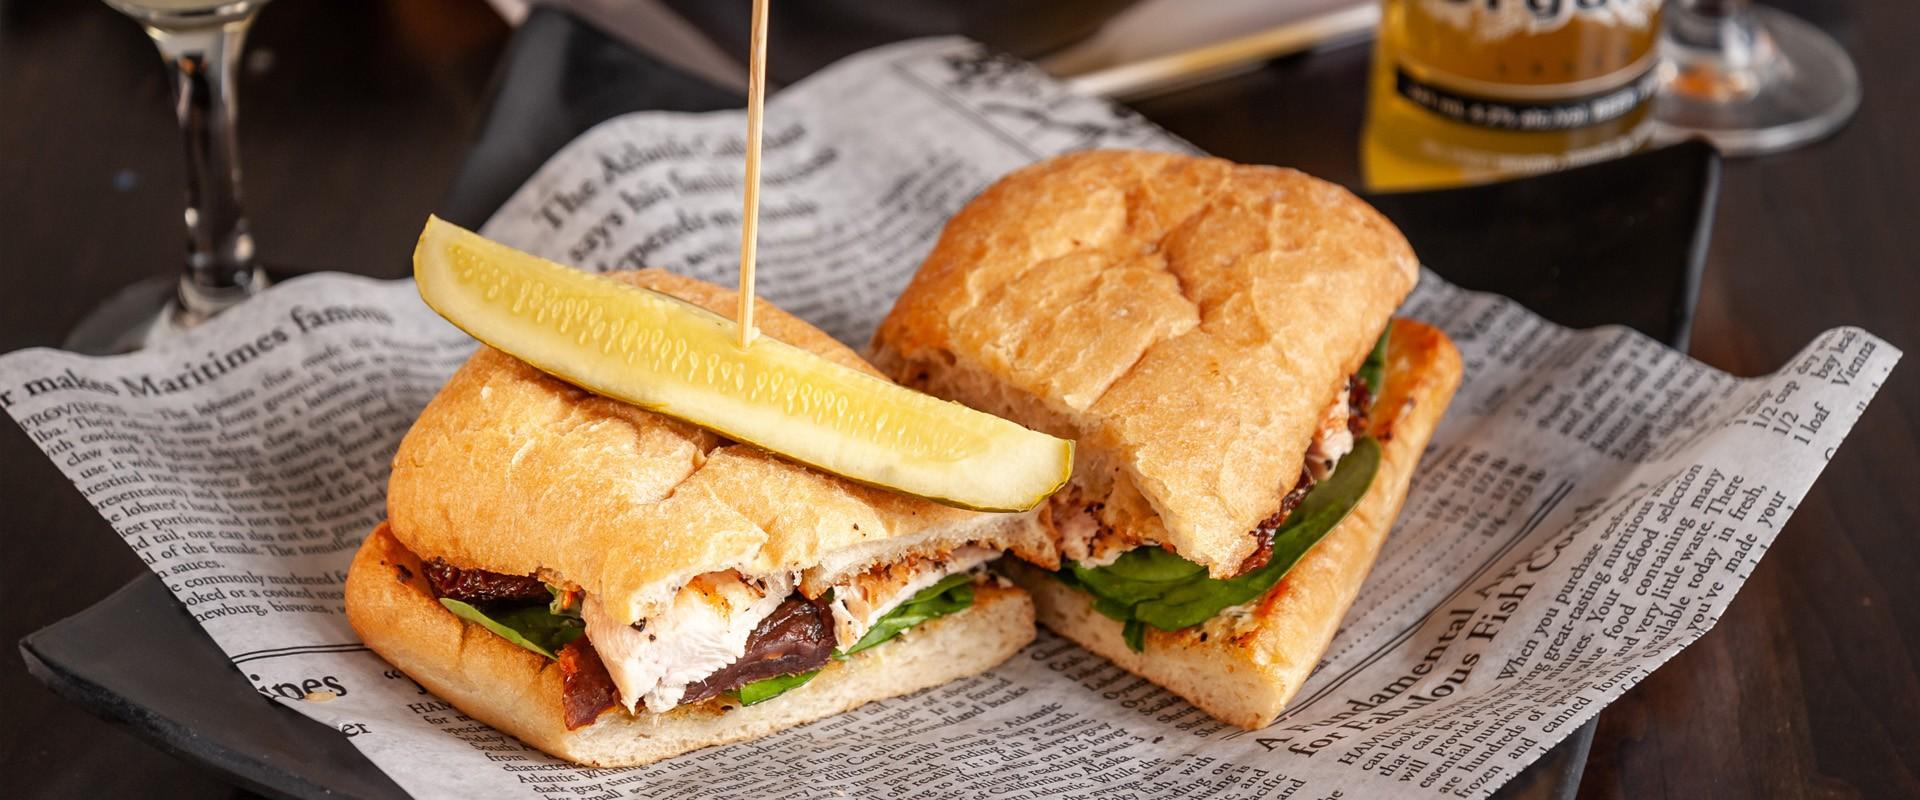 Sandwich En